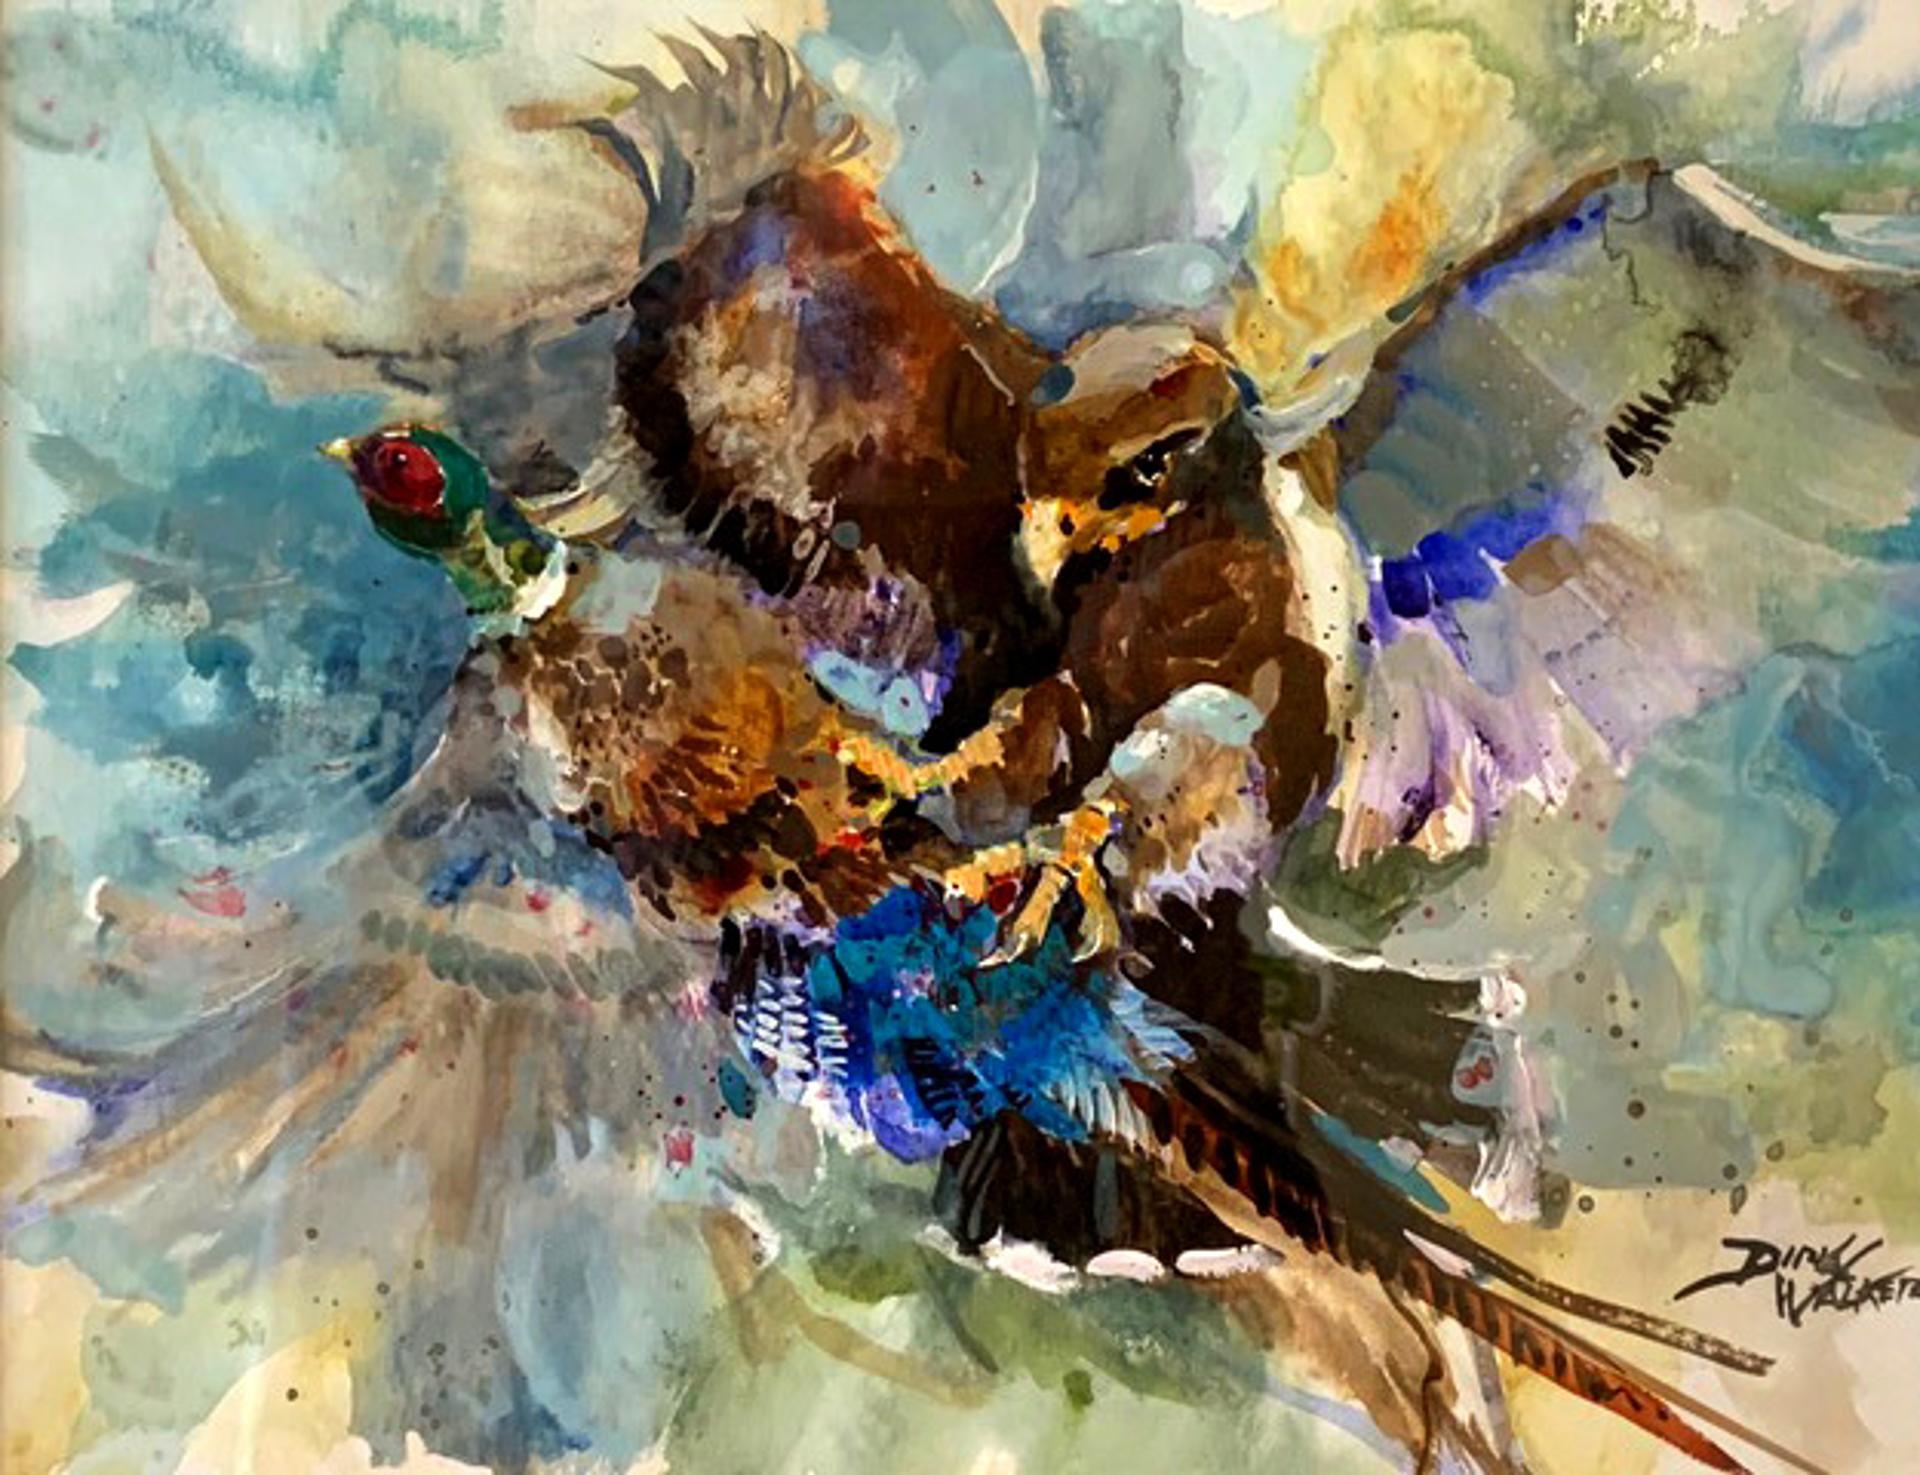 Fury & Feathers by Dirk Walker